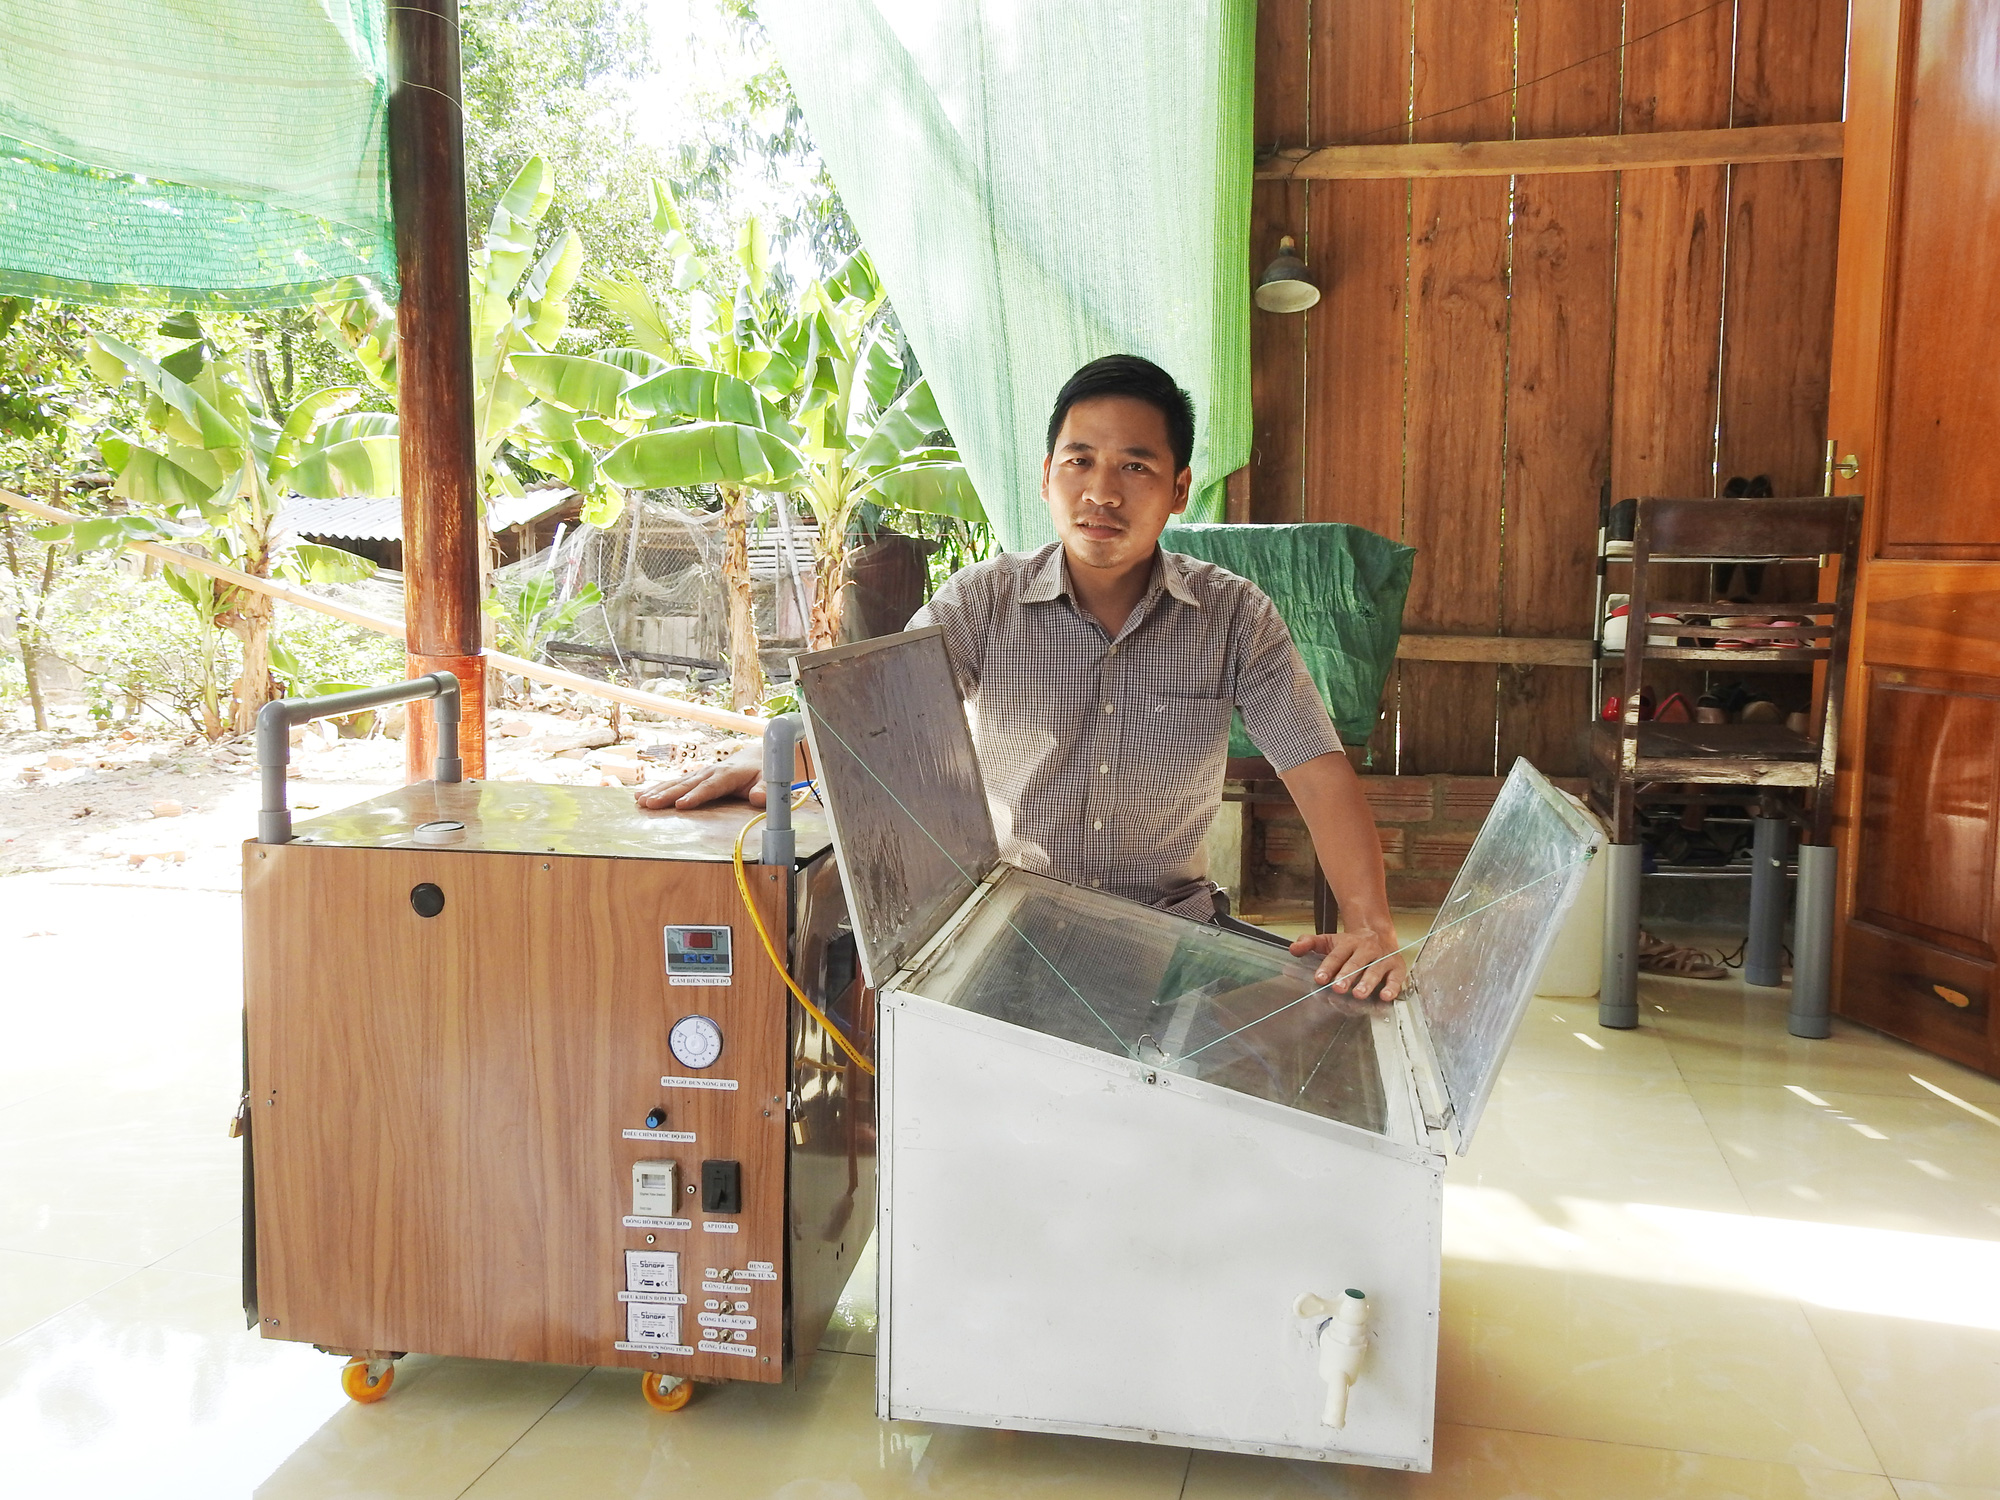 Quảng Bình: Thầy giáo trẻ đam mê nghiên cứu khoa học - Ảnh 5.